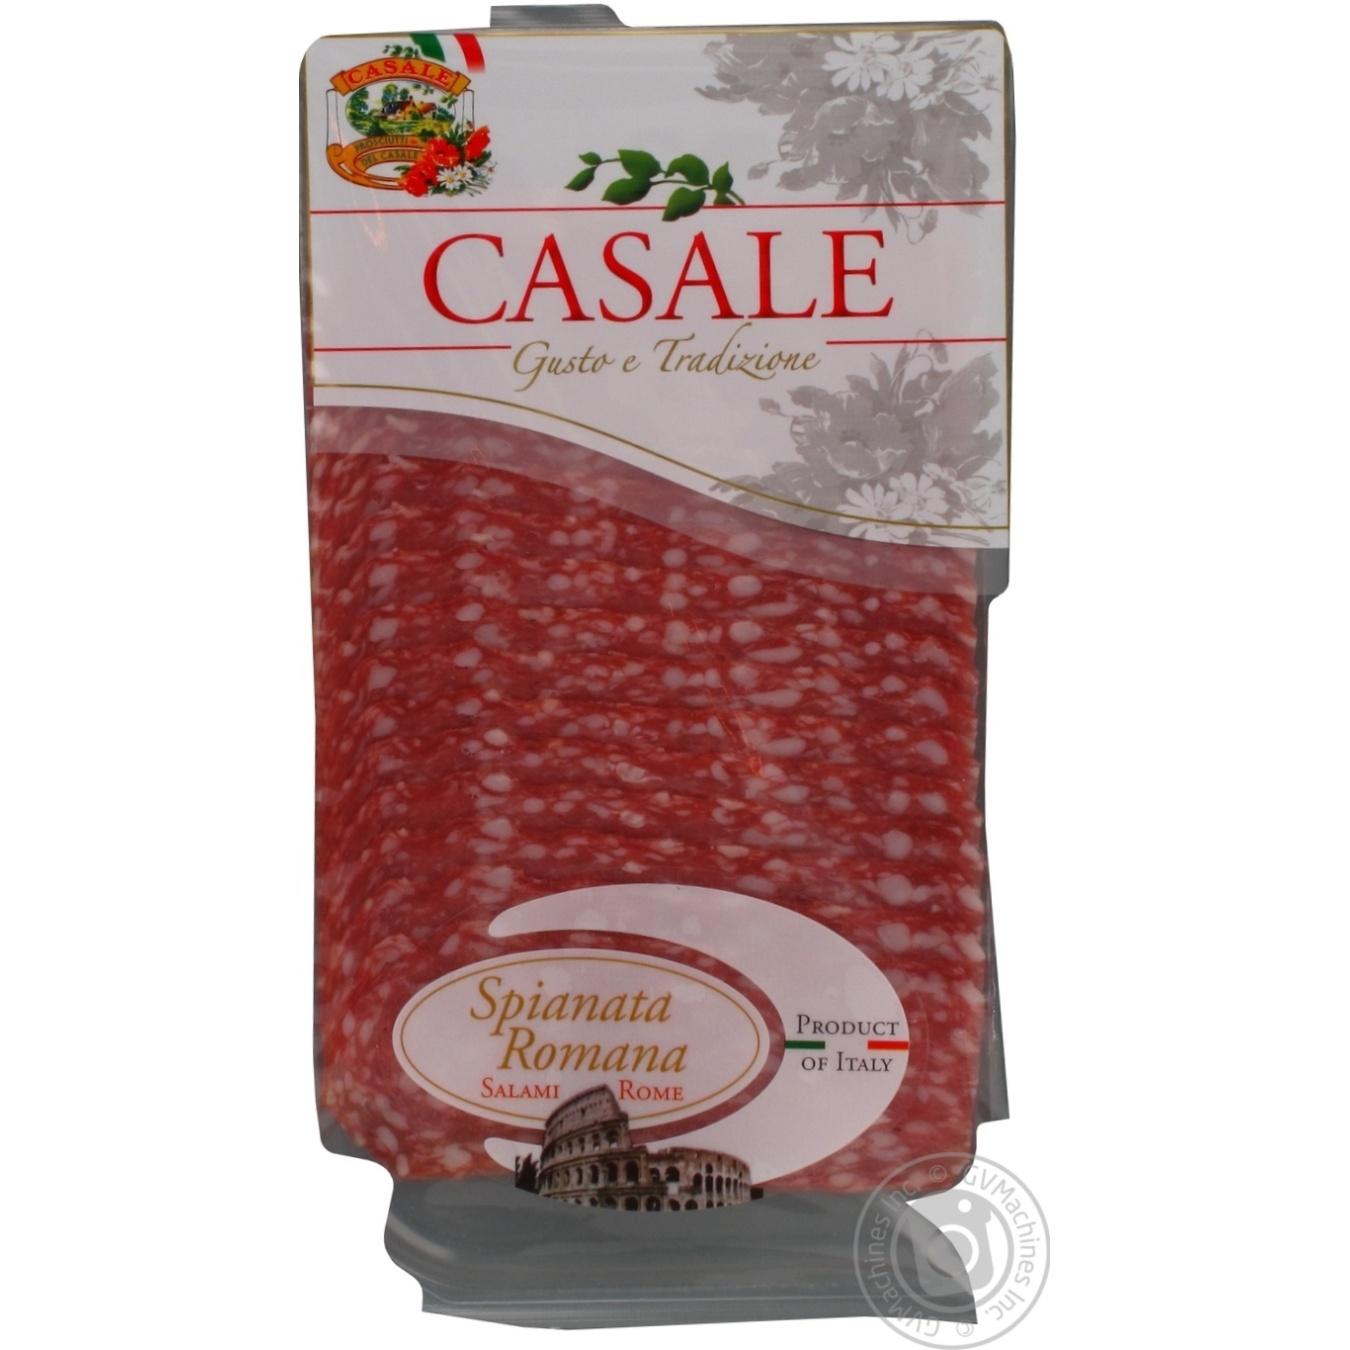 Купить Ковбаса Casale Spianata Romana салямі римська сиров'ялена нарізка 80г